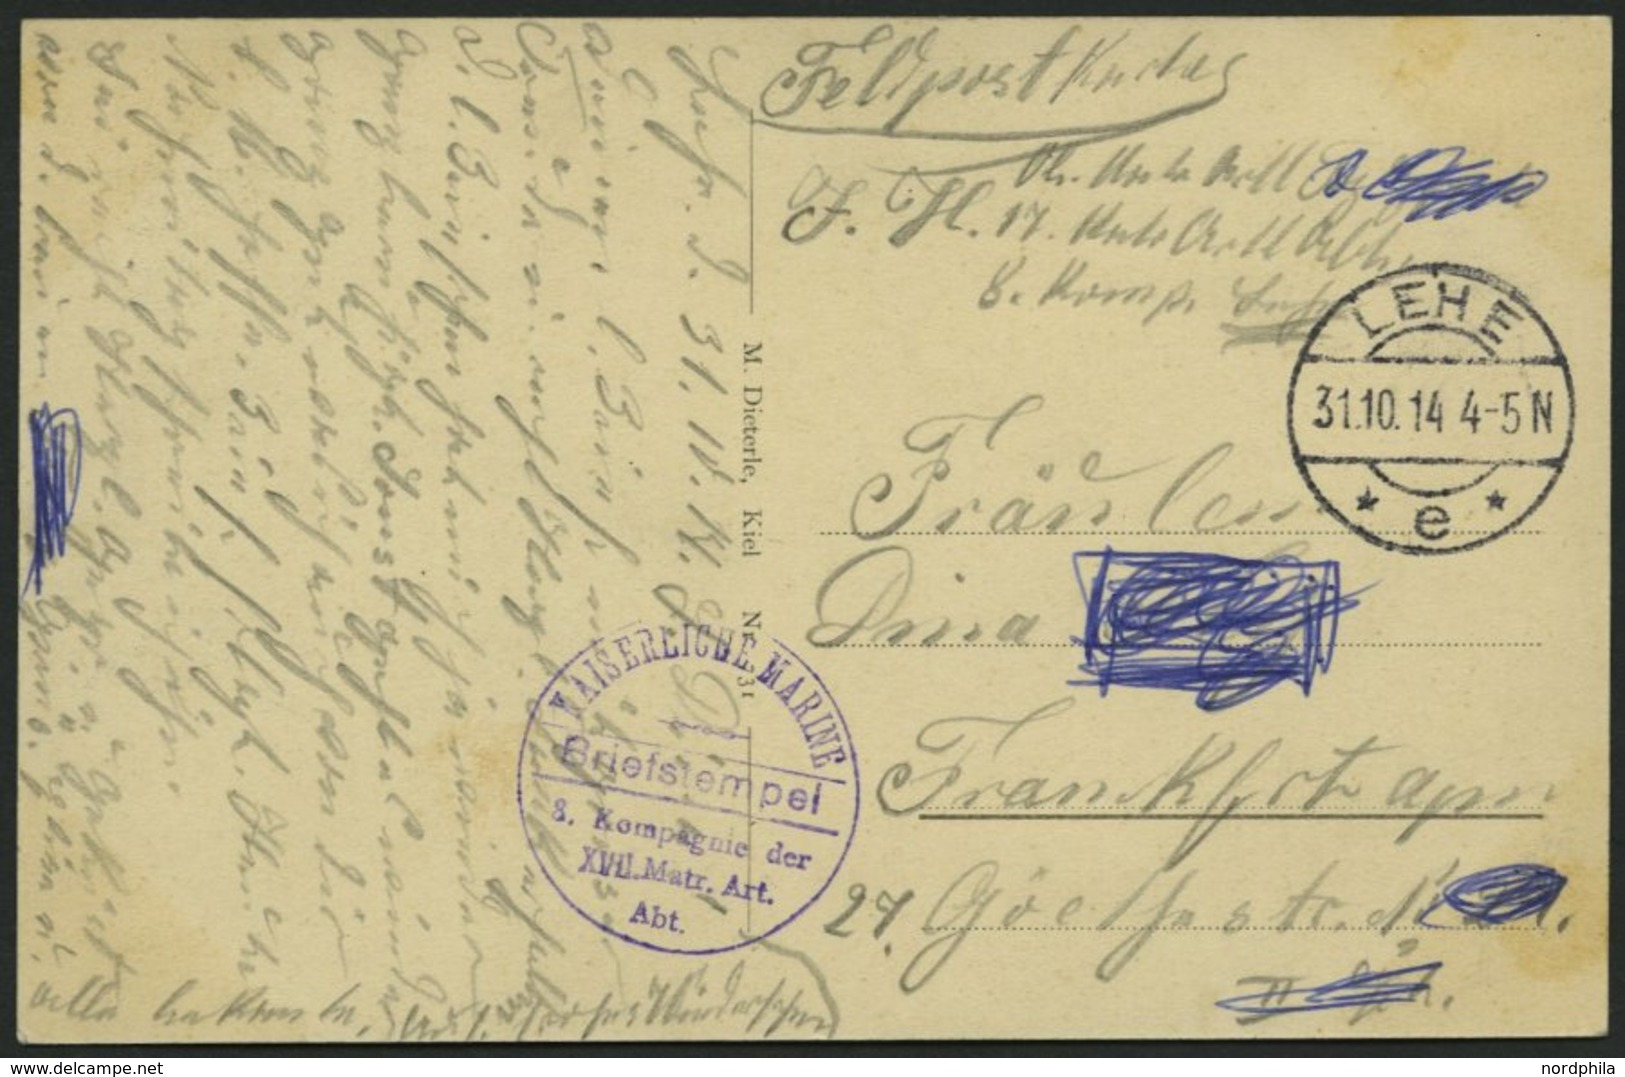 ALTE POSTKARTEN - SCHIFFE KAISERL. MARINE BIS 1918 S.M. Vermessungsfahrzeug Möwe, Eine Gebrauchte Feldpostkarte - Krieg